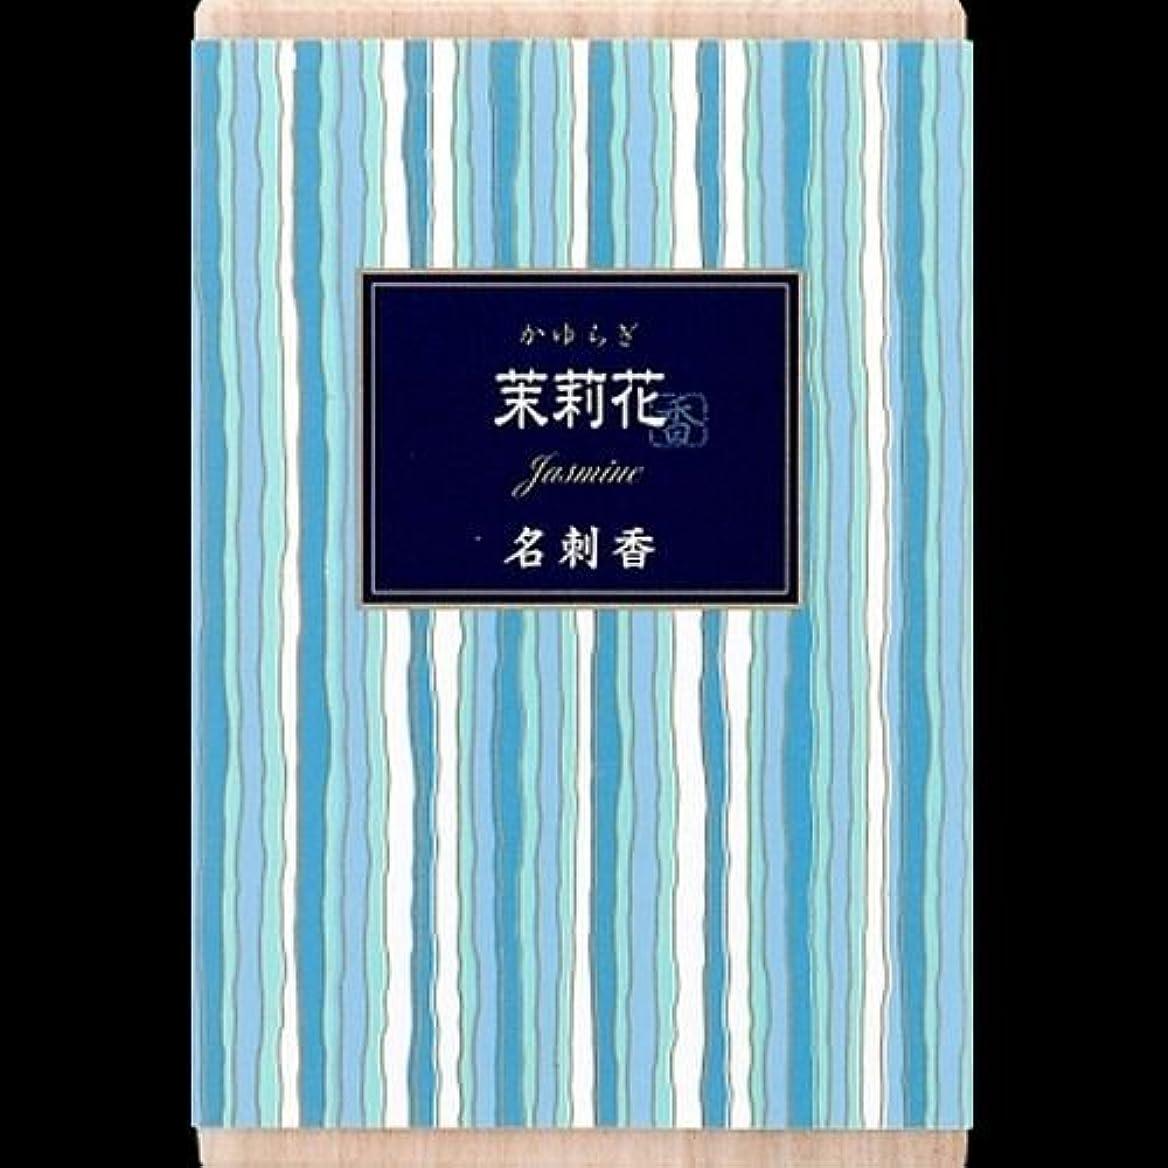 費やす百科事典見習い【まとめ買い】かゆらぎ 茉莉花 名刺香 桐箱 6入 ×2セット